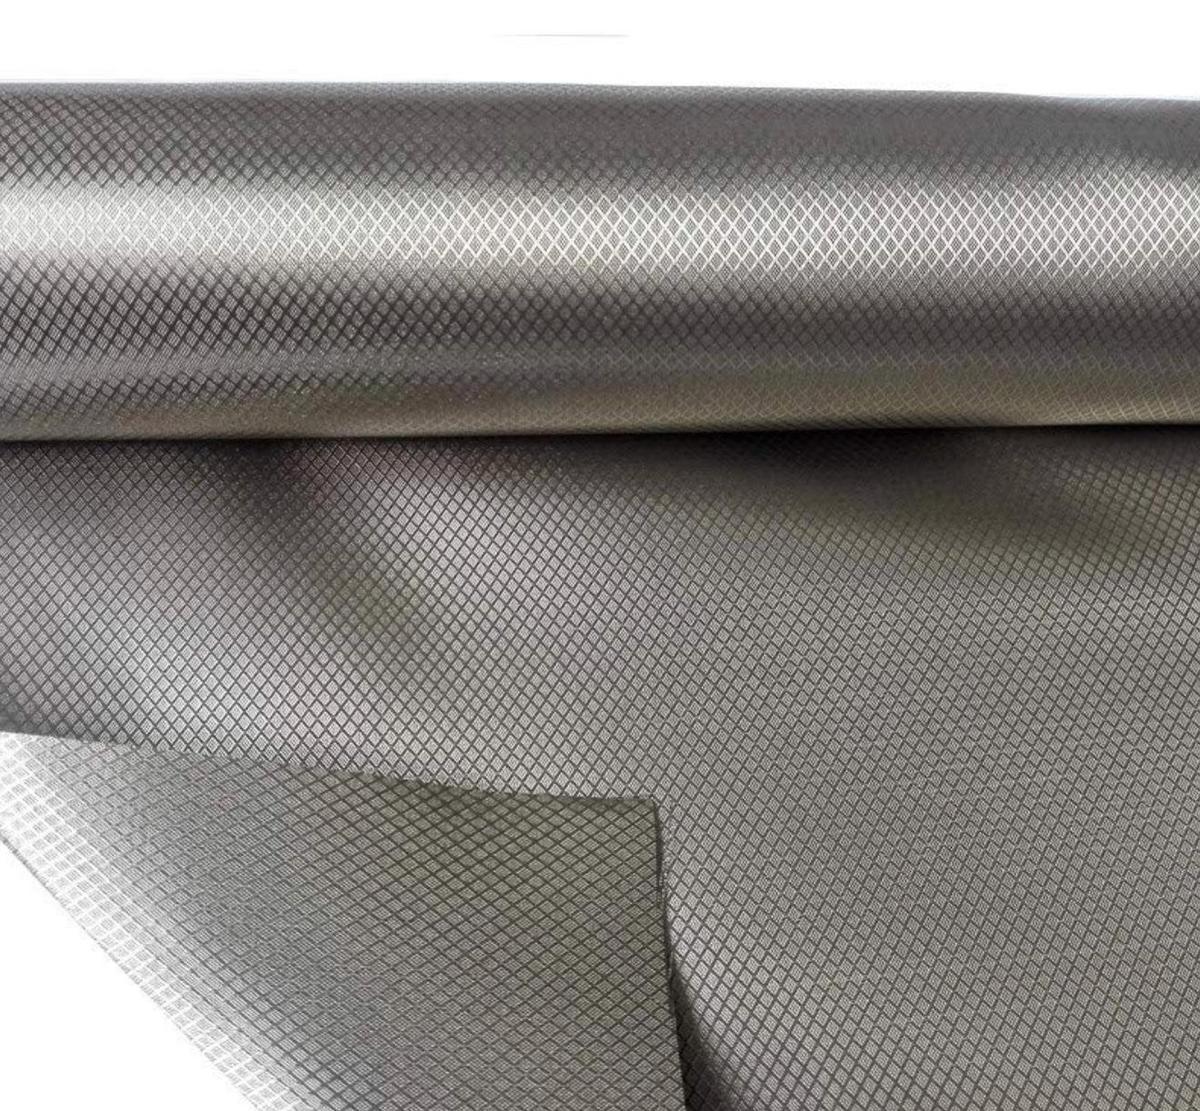 Faraday fabric for EMI/RFID shielding